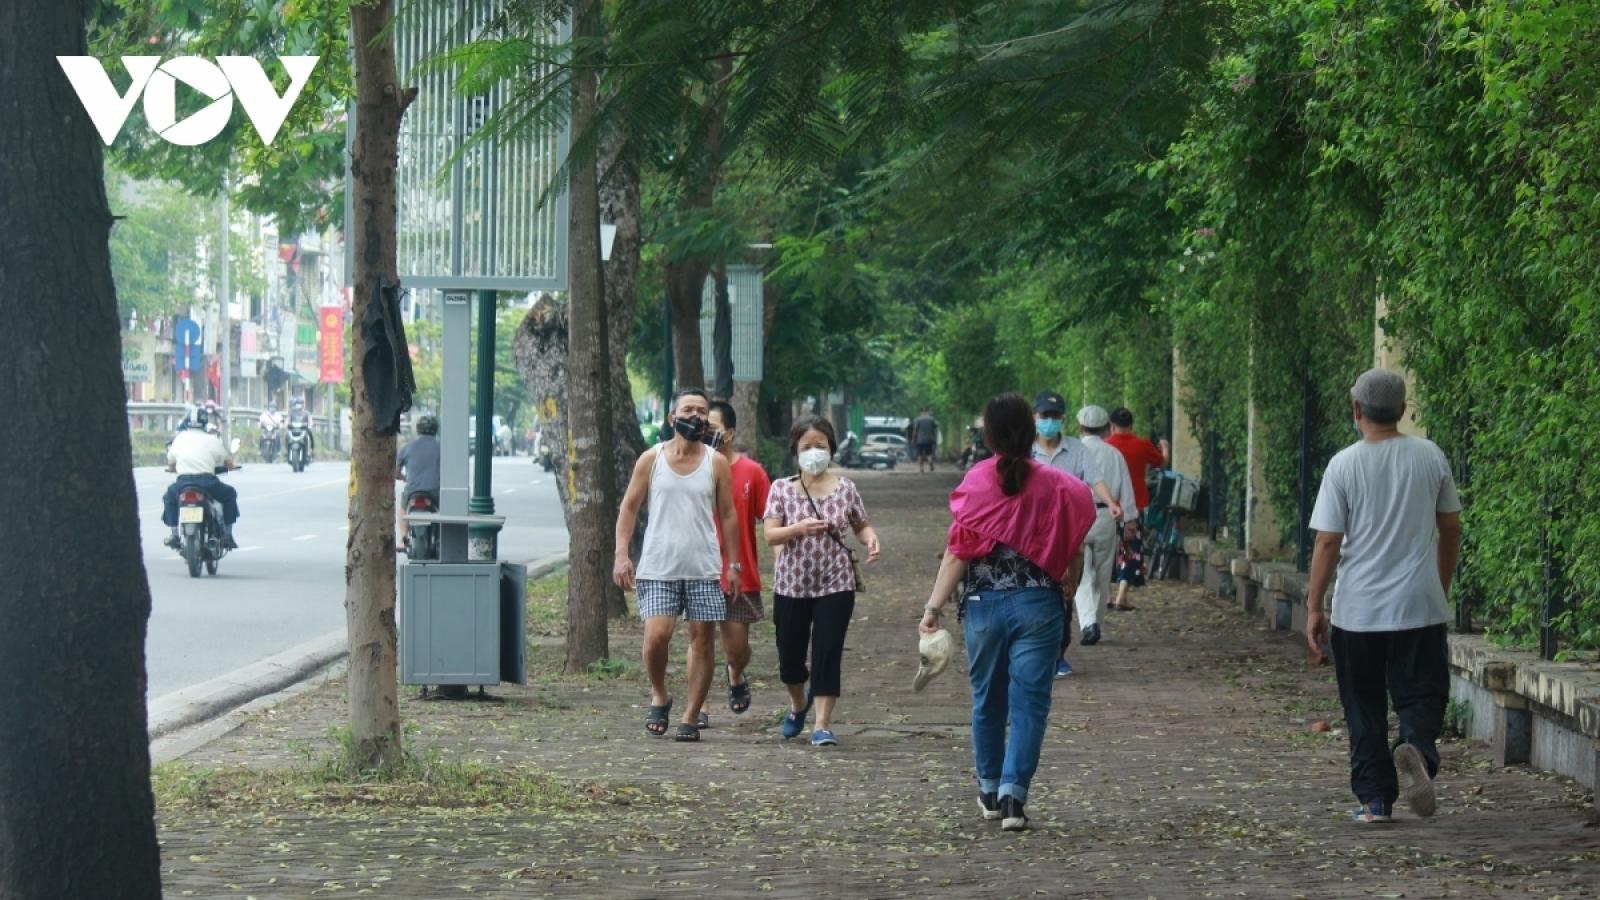 Hà Nội dừng tất cả dịch vụ không thiết yếu, người dân hạn chế ra khỏi nhà từ 0h ngày 19/7